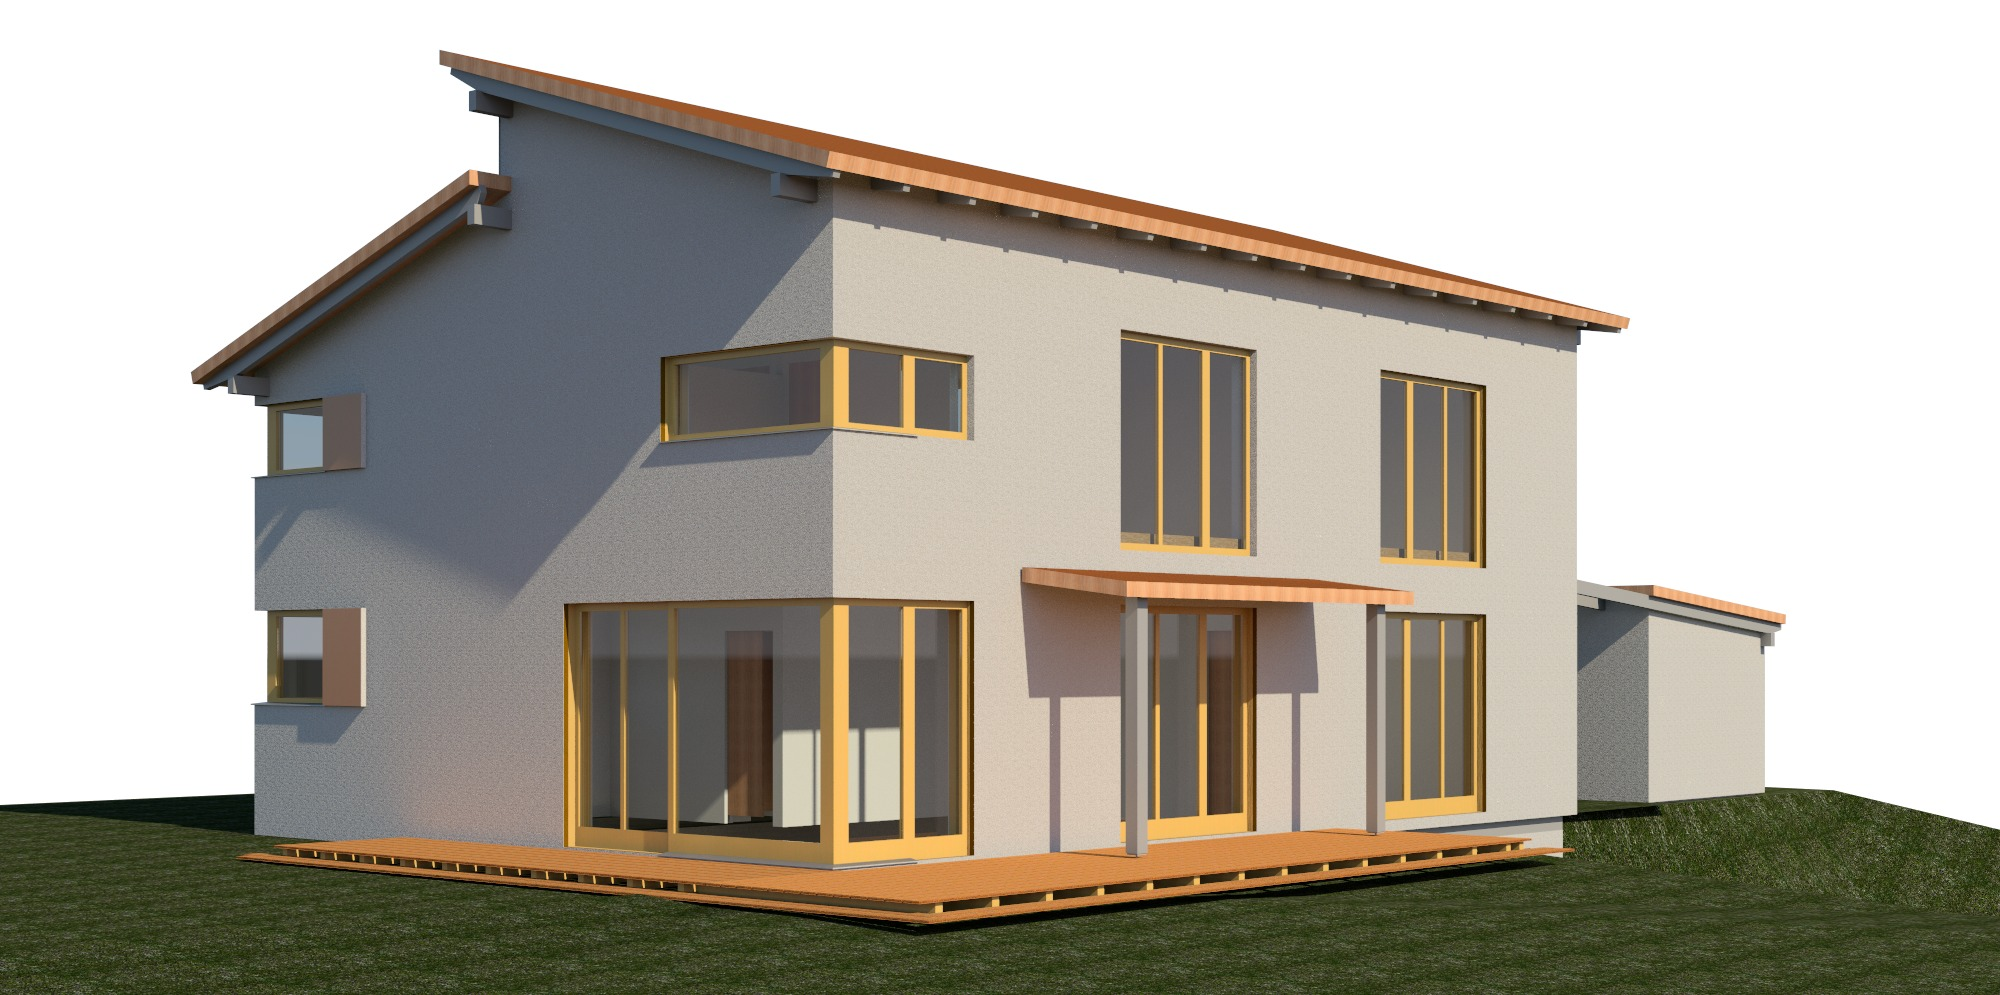 Raas-rendering20150312-26058-1ptzwgc